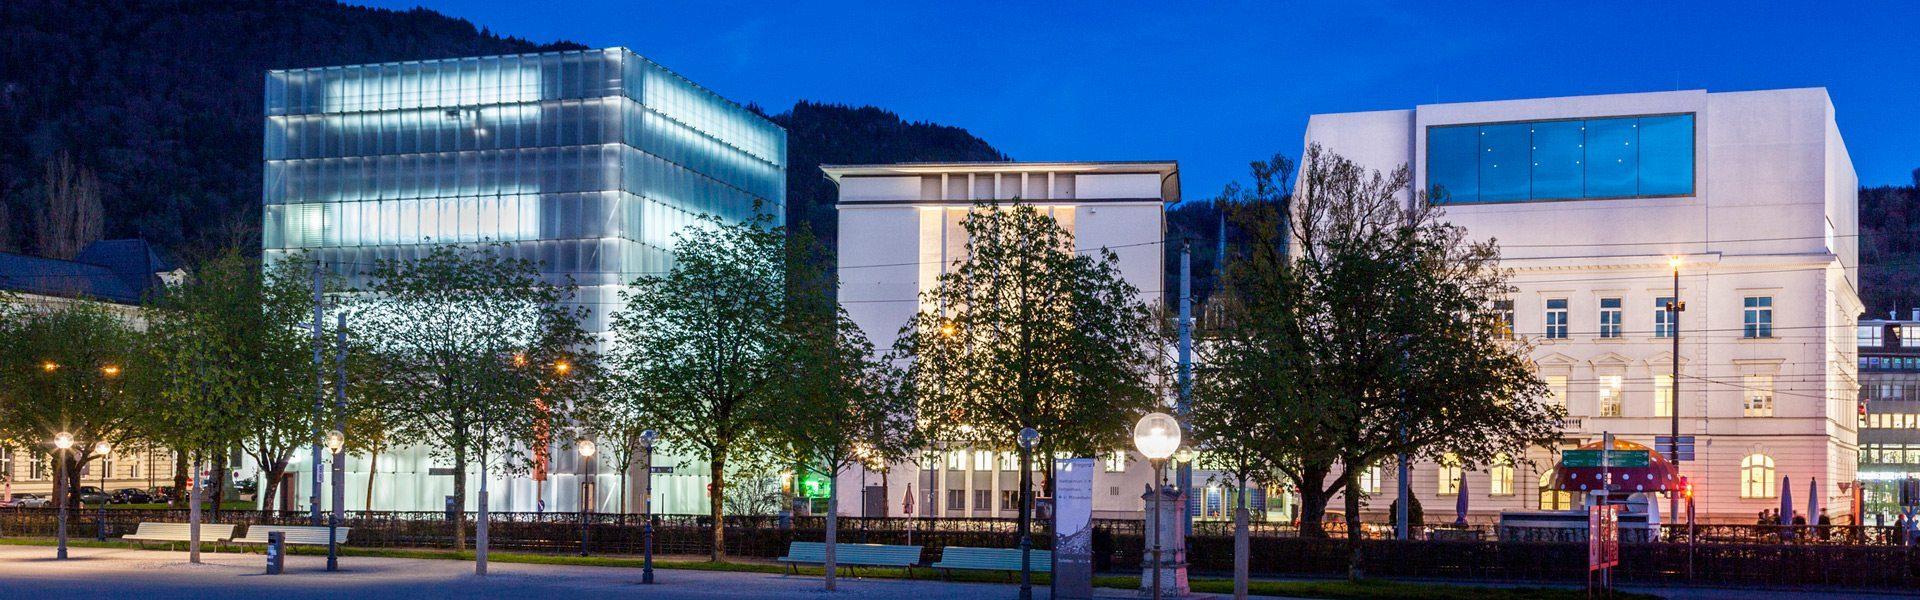 Kunsthaus Bregenz, 2015, Foto Matthias Weissengruber (c) Kunsthaus Bregenz